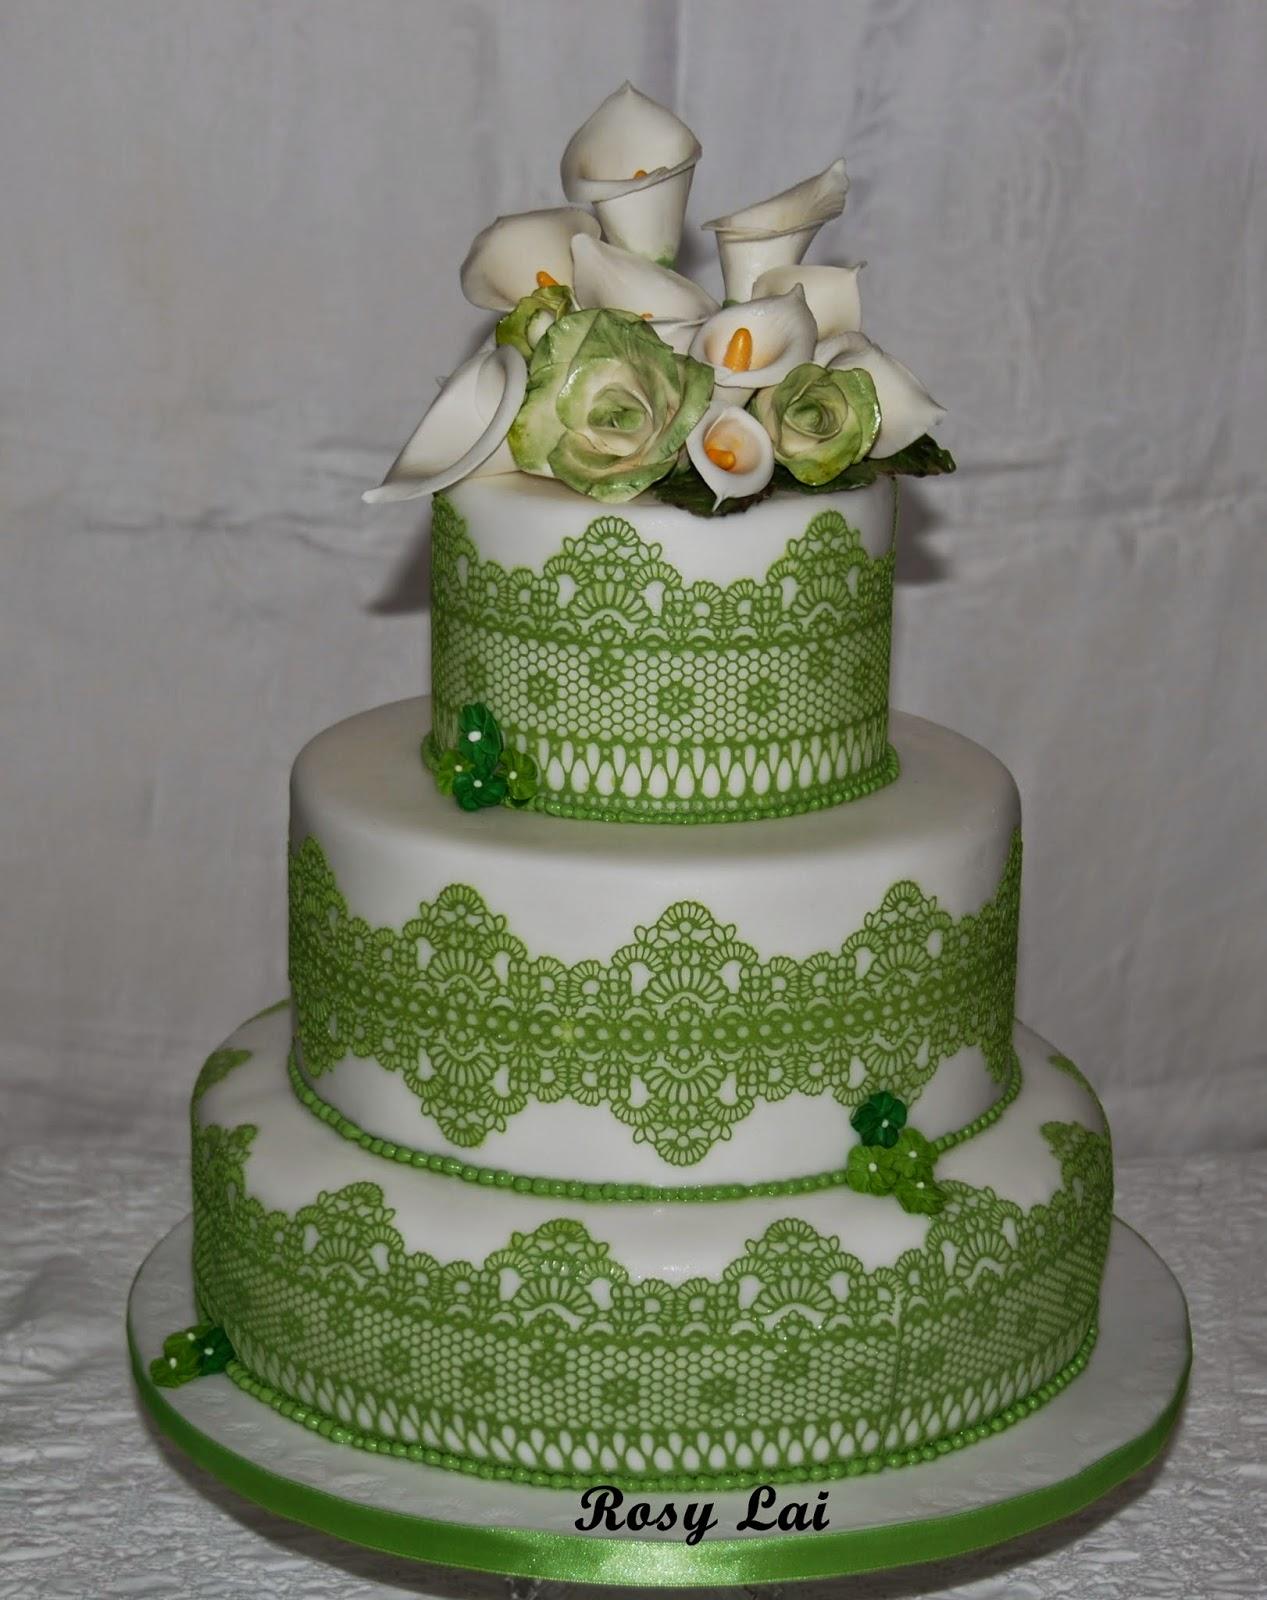 Le torte di rosy lai promessa matrimonio calle e rose